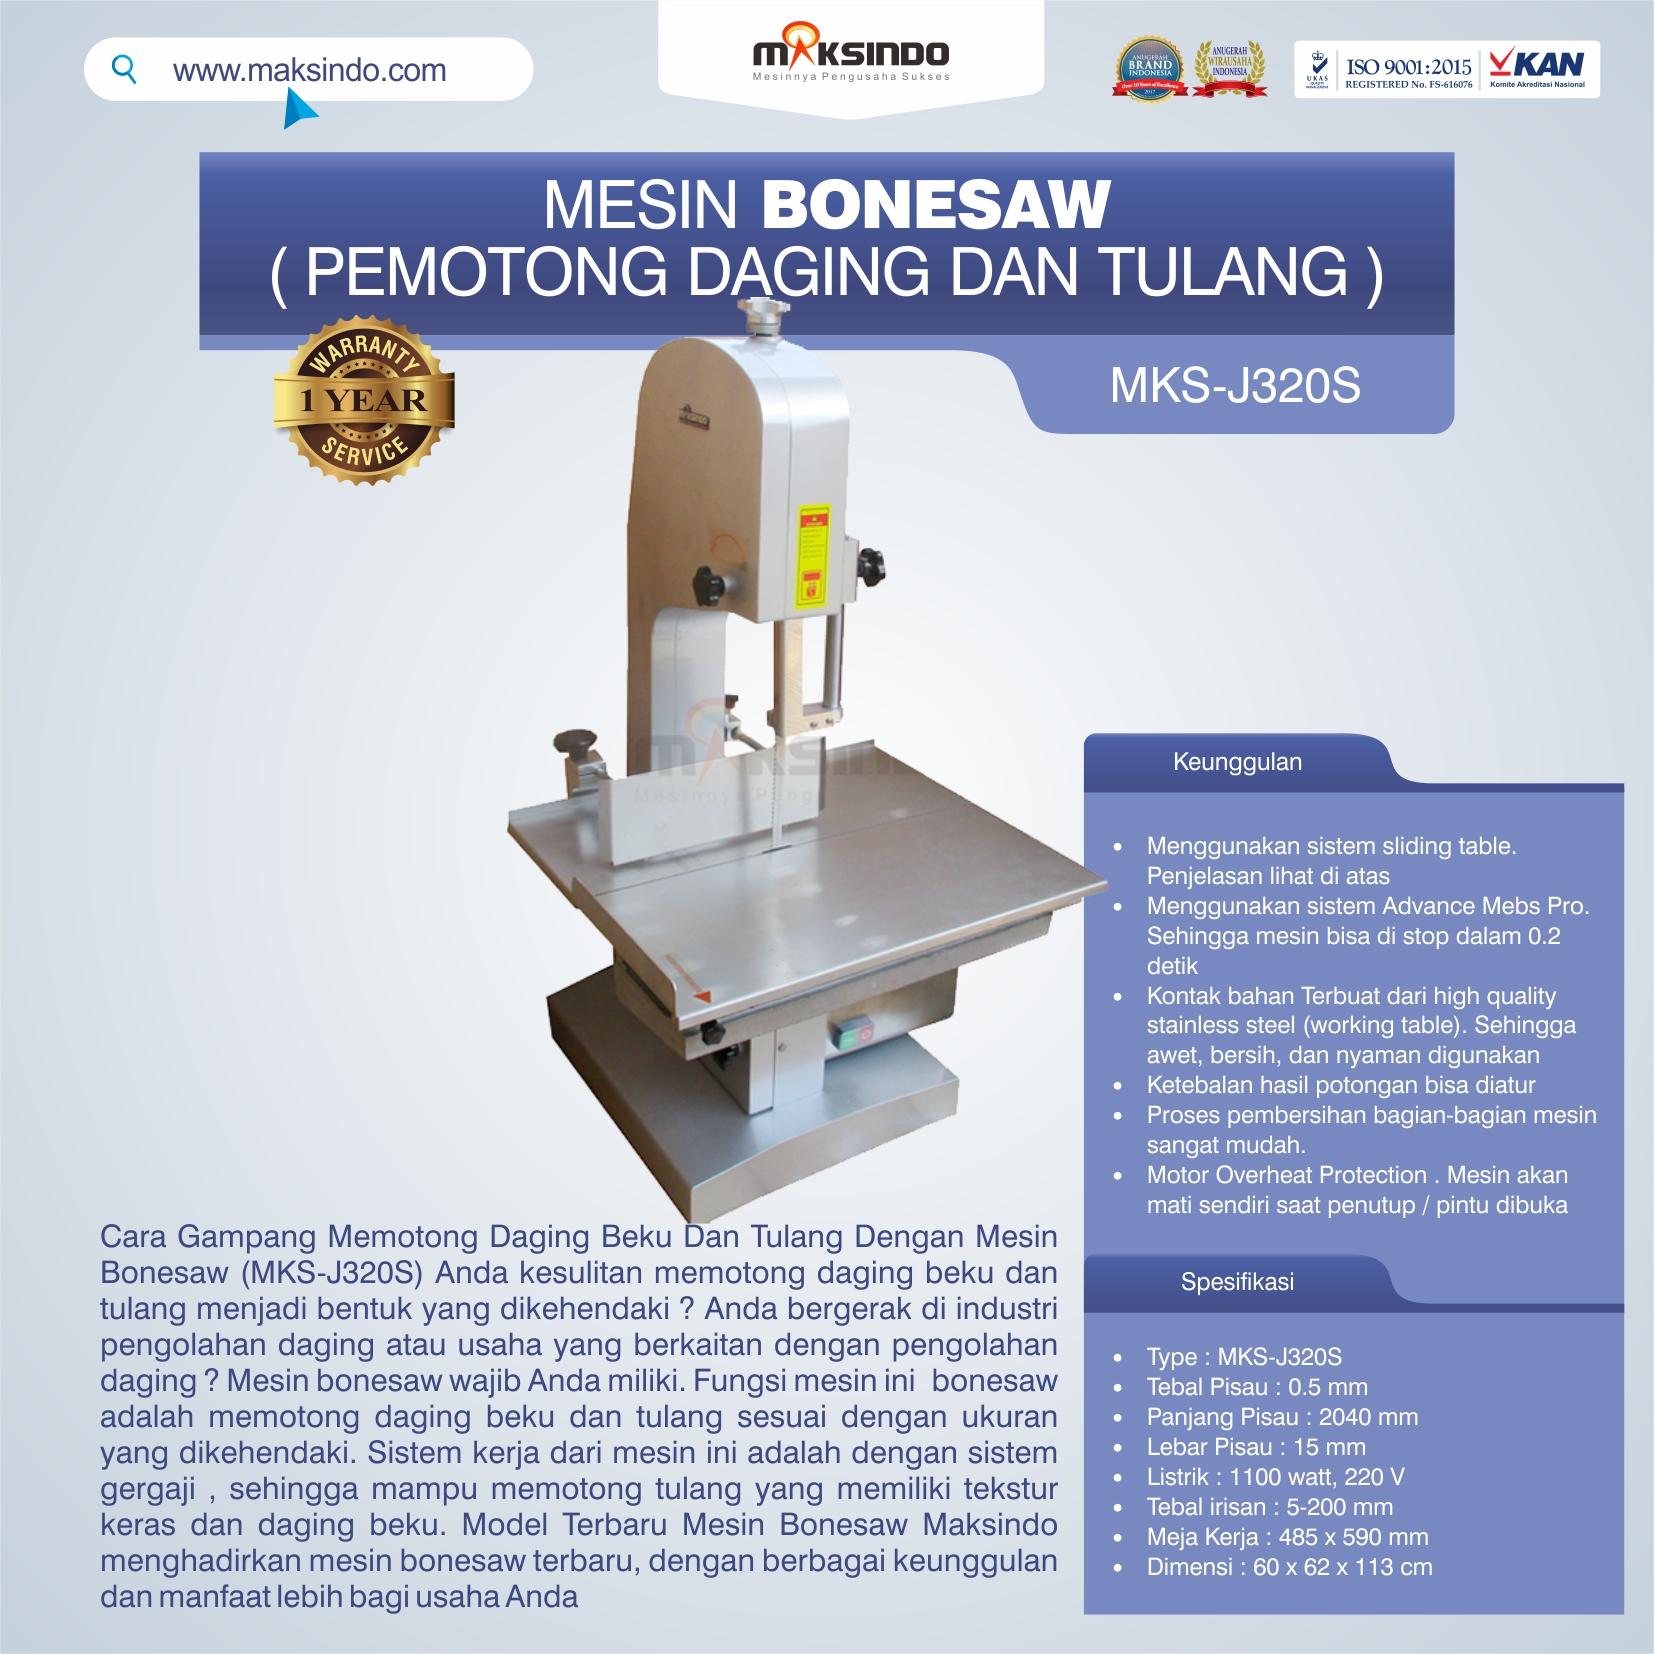 Jual Mesin Bonesaw MKS-J320S (pemotong daging dan tulang) di Blitar